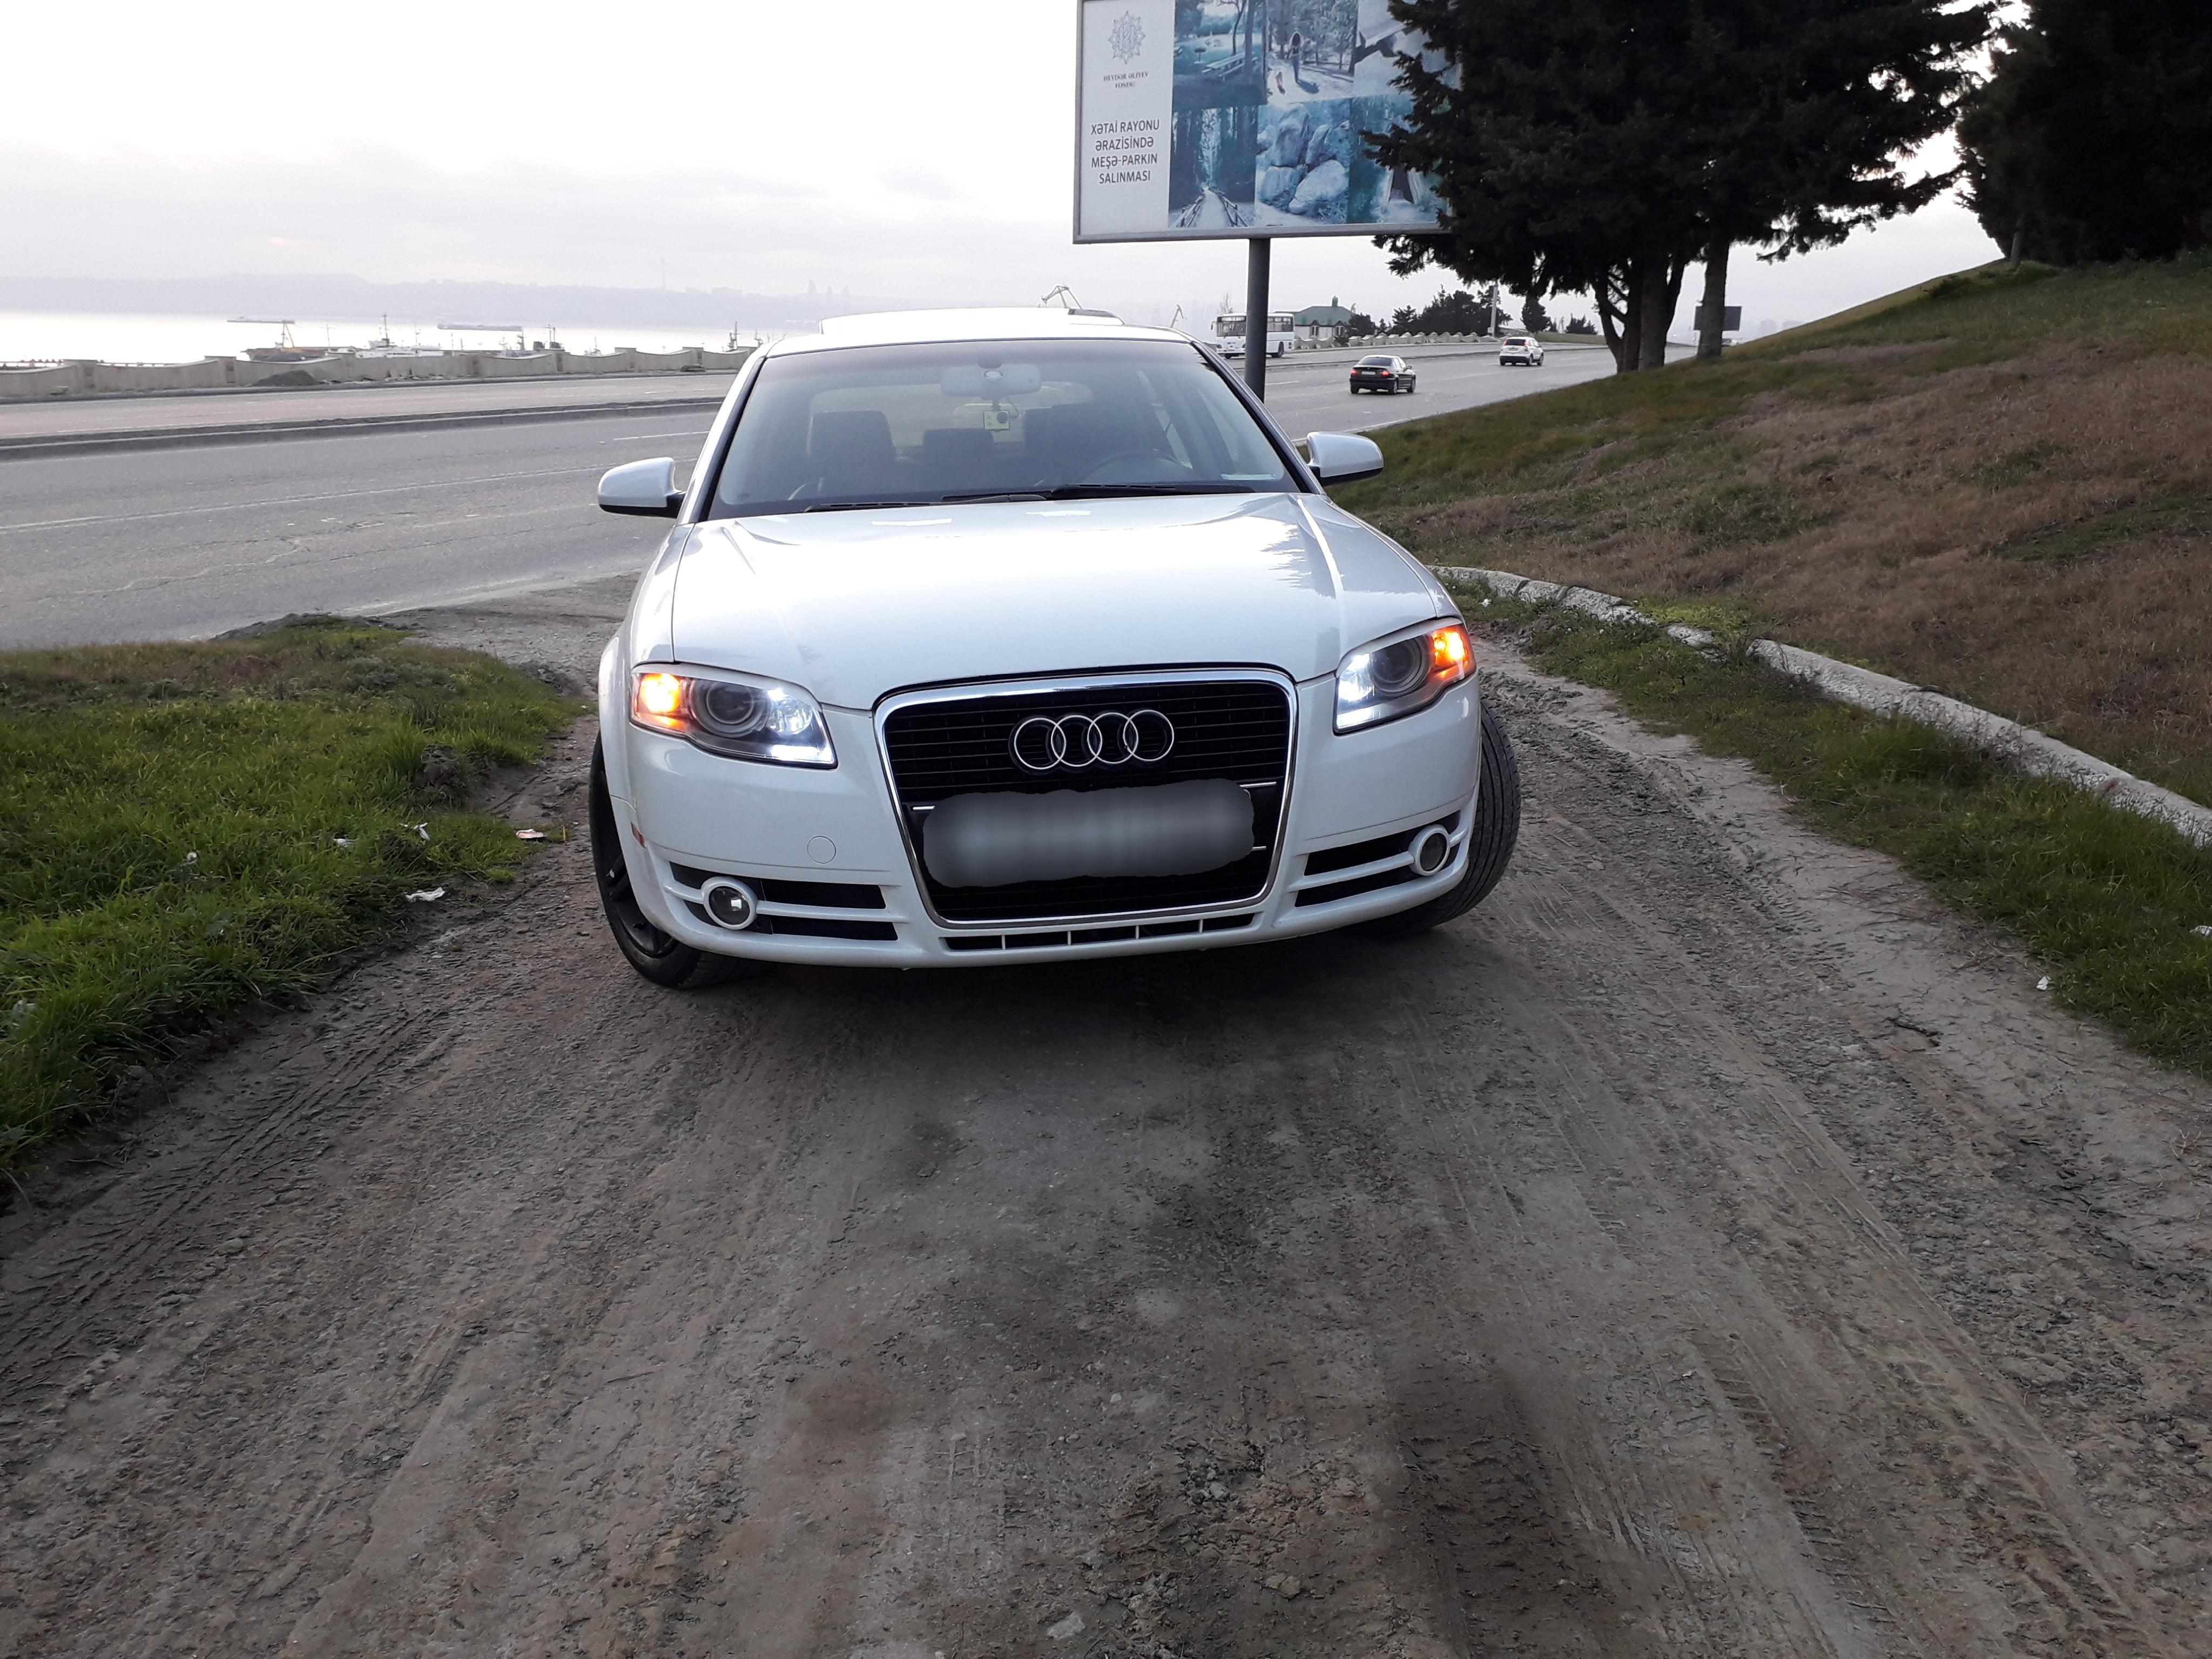 Audi A4 2.0(lt) 2007 İkinci əl  $8000